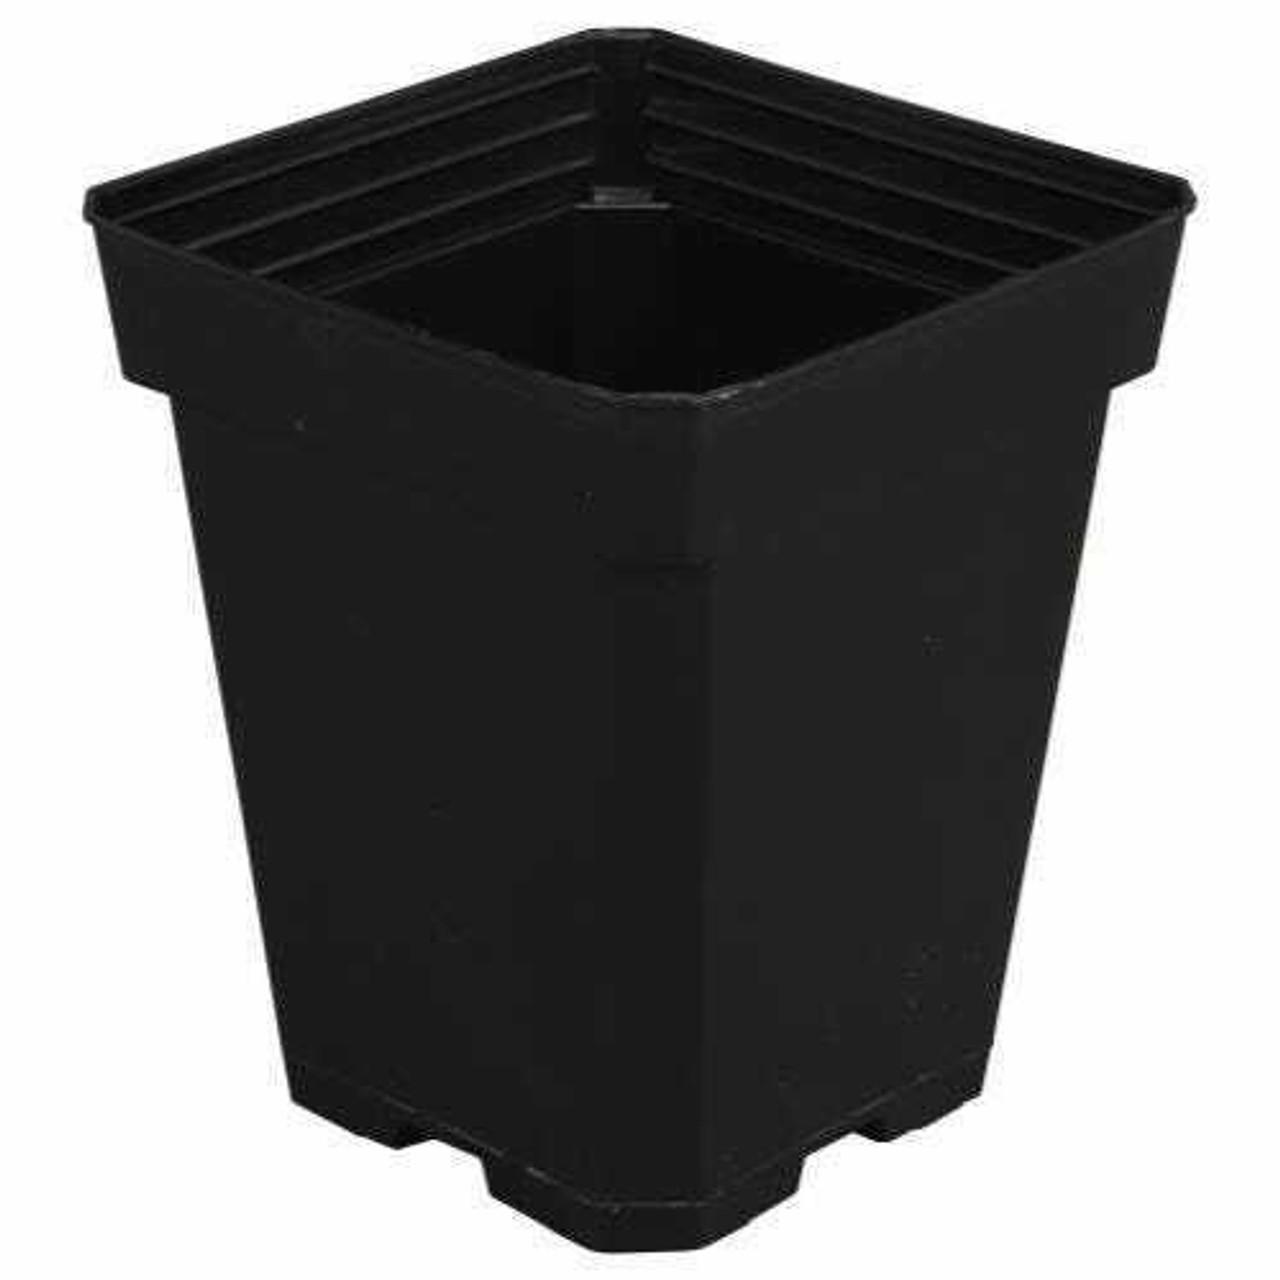 Gro Pro Black Plastic Pot 5 in x 5 in x 6.5 in (Must buy 200) - 1